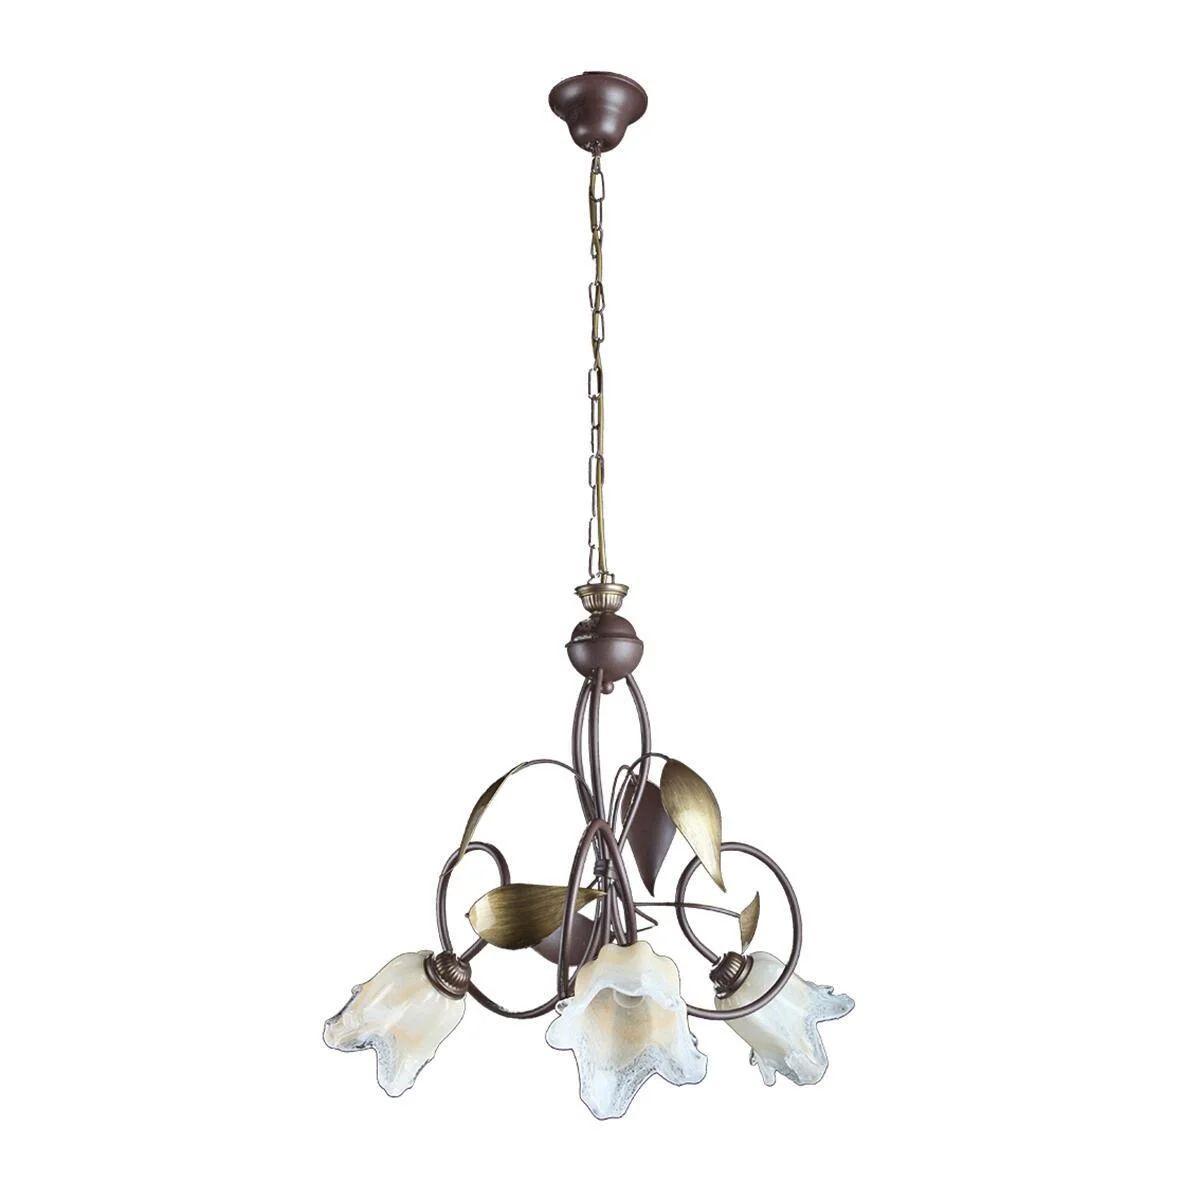 Questi lampadari a sospensione per cucina sono ideali. Lampadario Rustico Otello Marrone In Metallo L 57 Cm 3 Luci Novecento Leroy Merlin